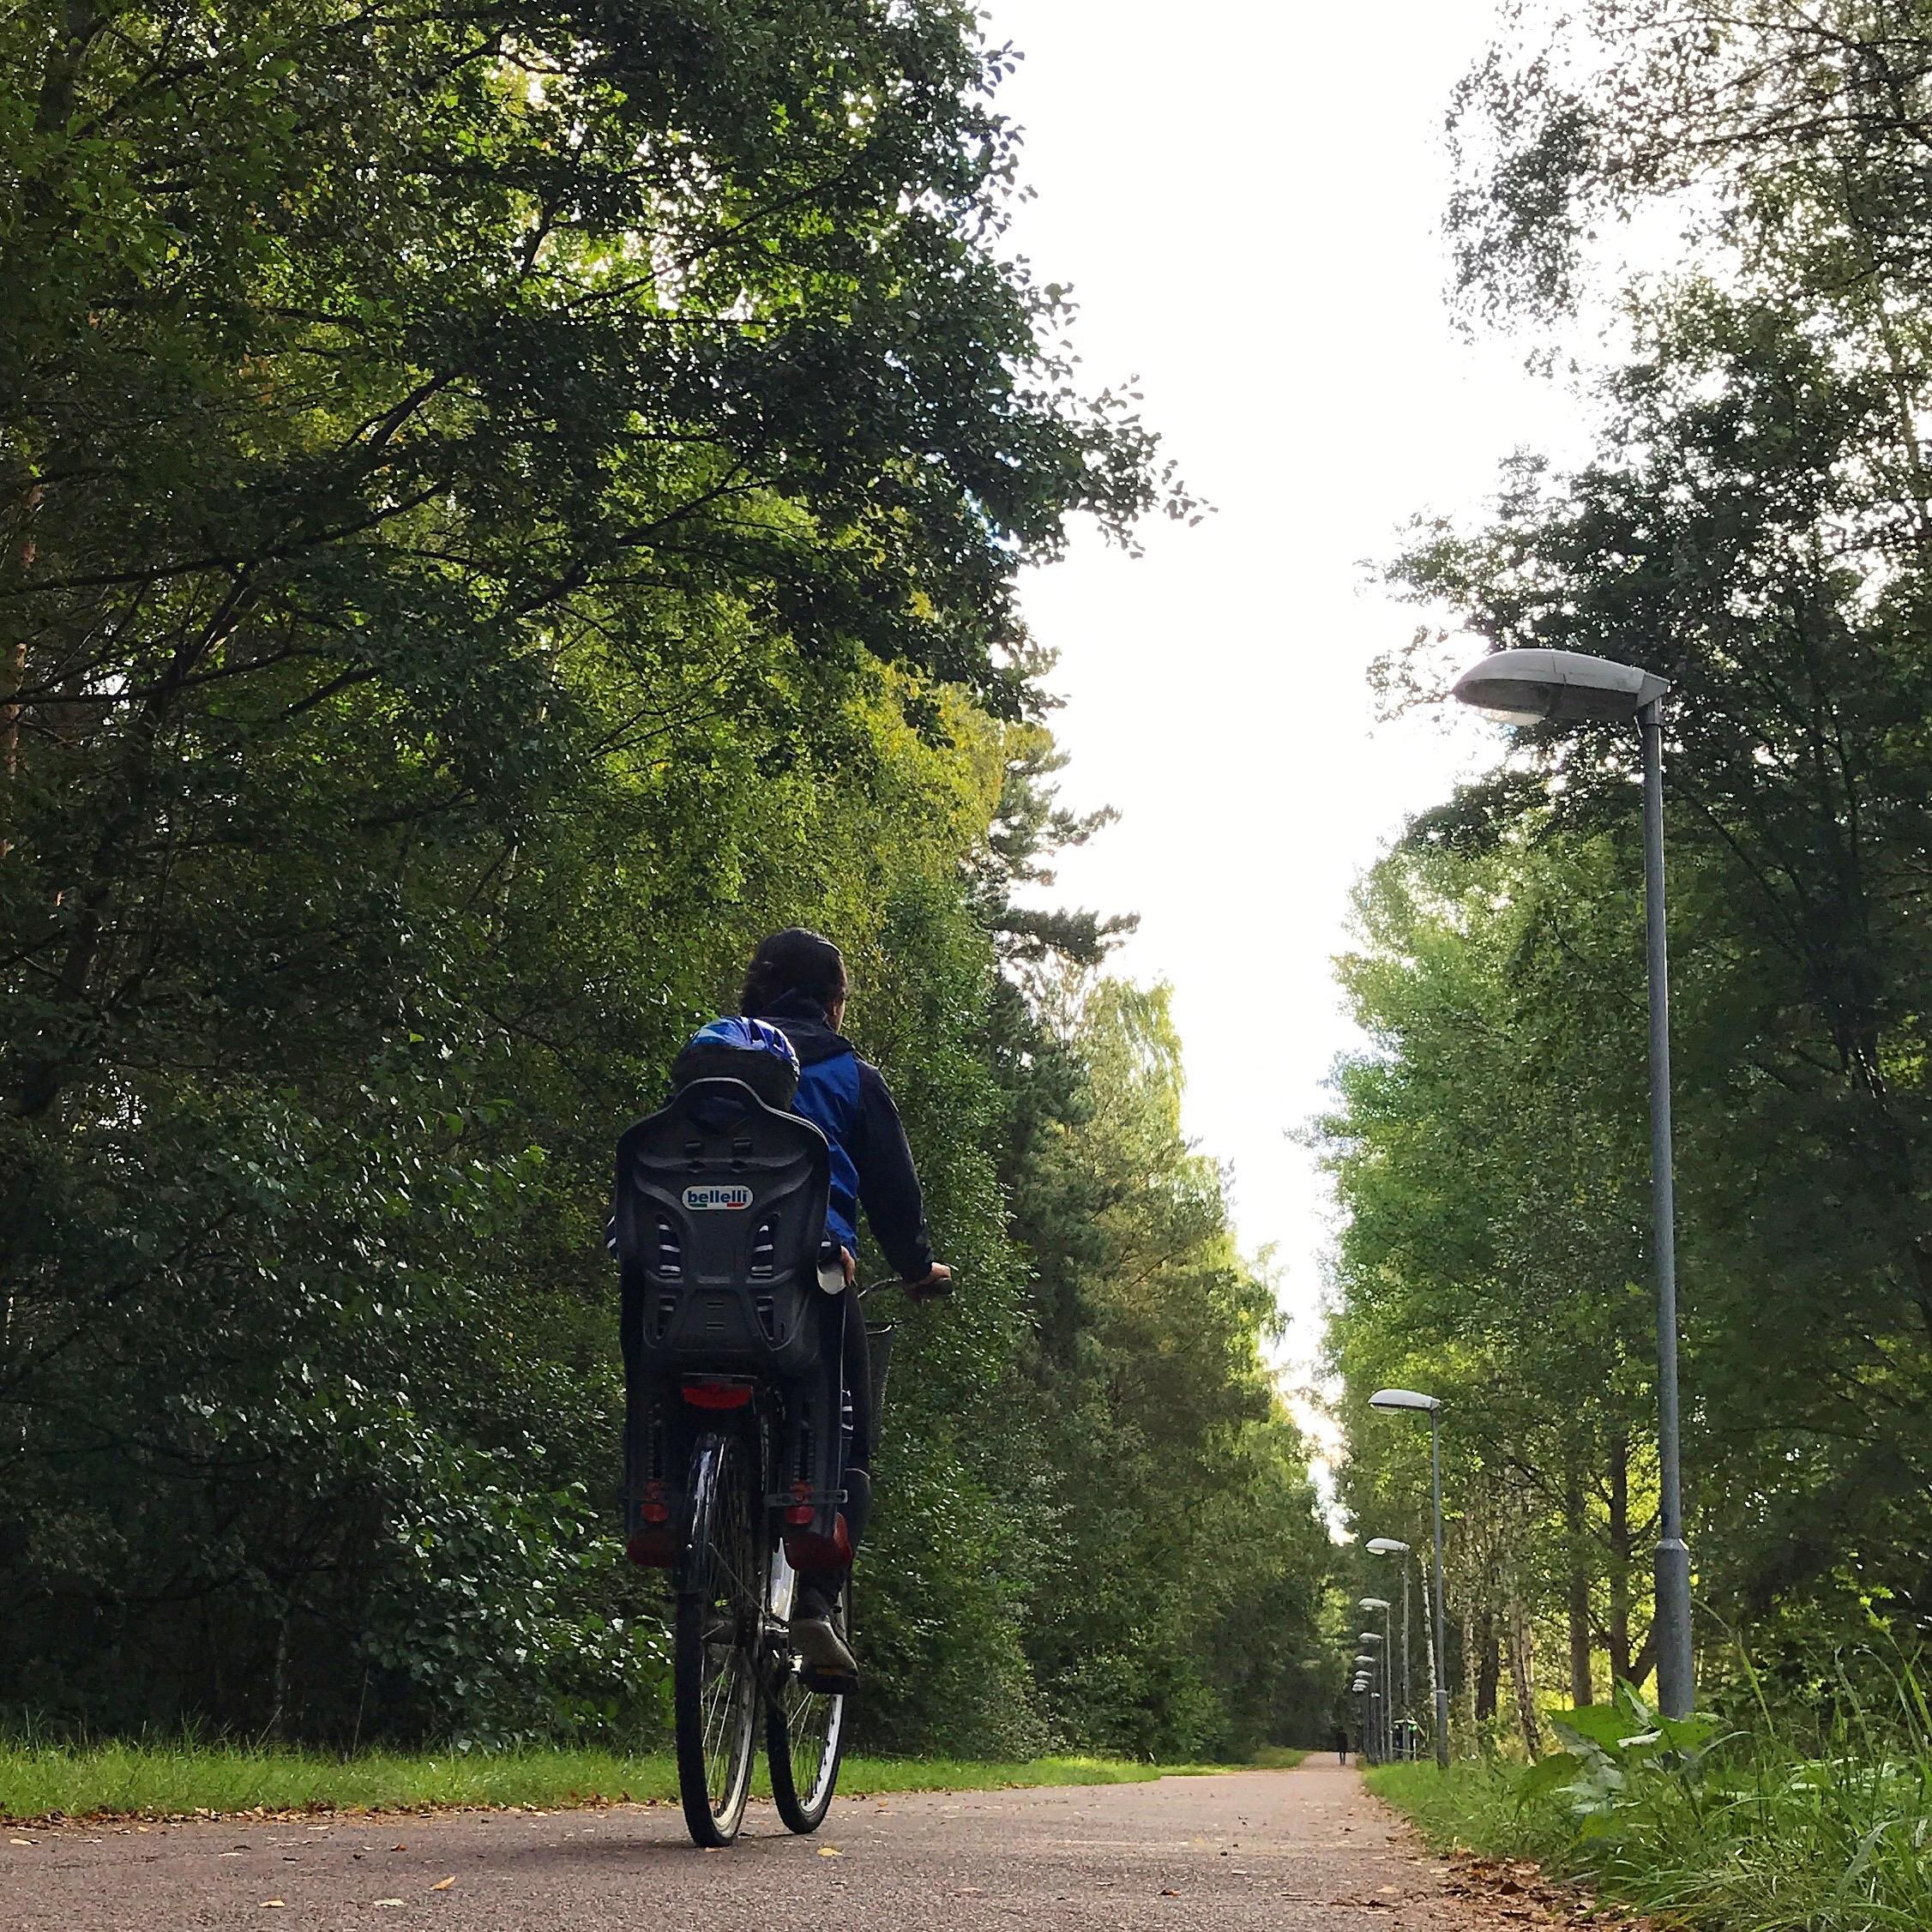 Marian cyklandes på en cykelväg